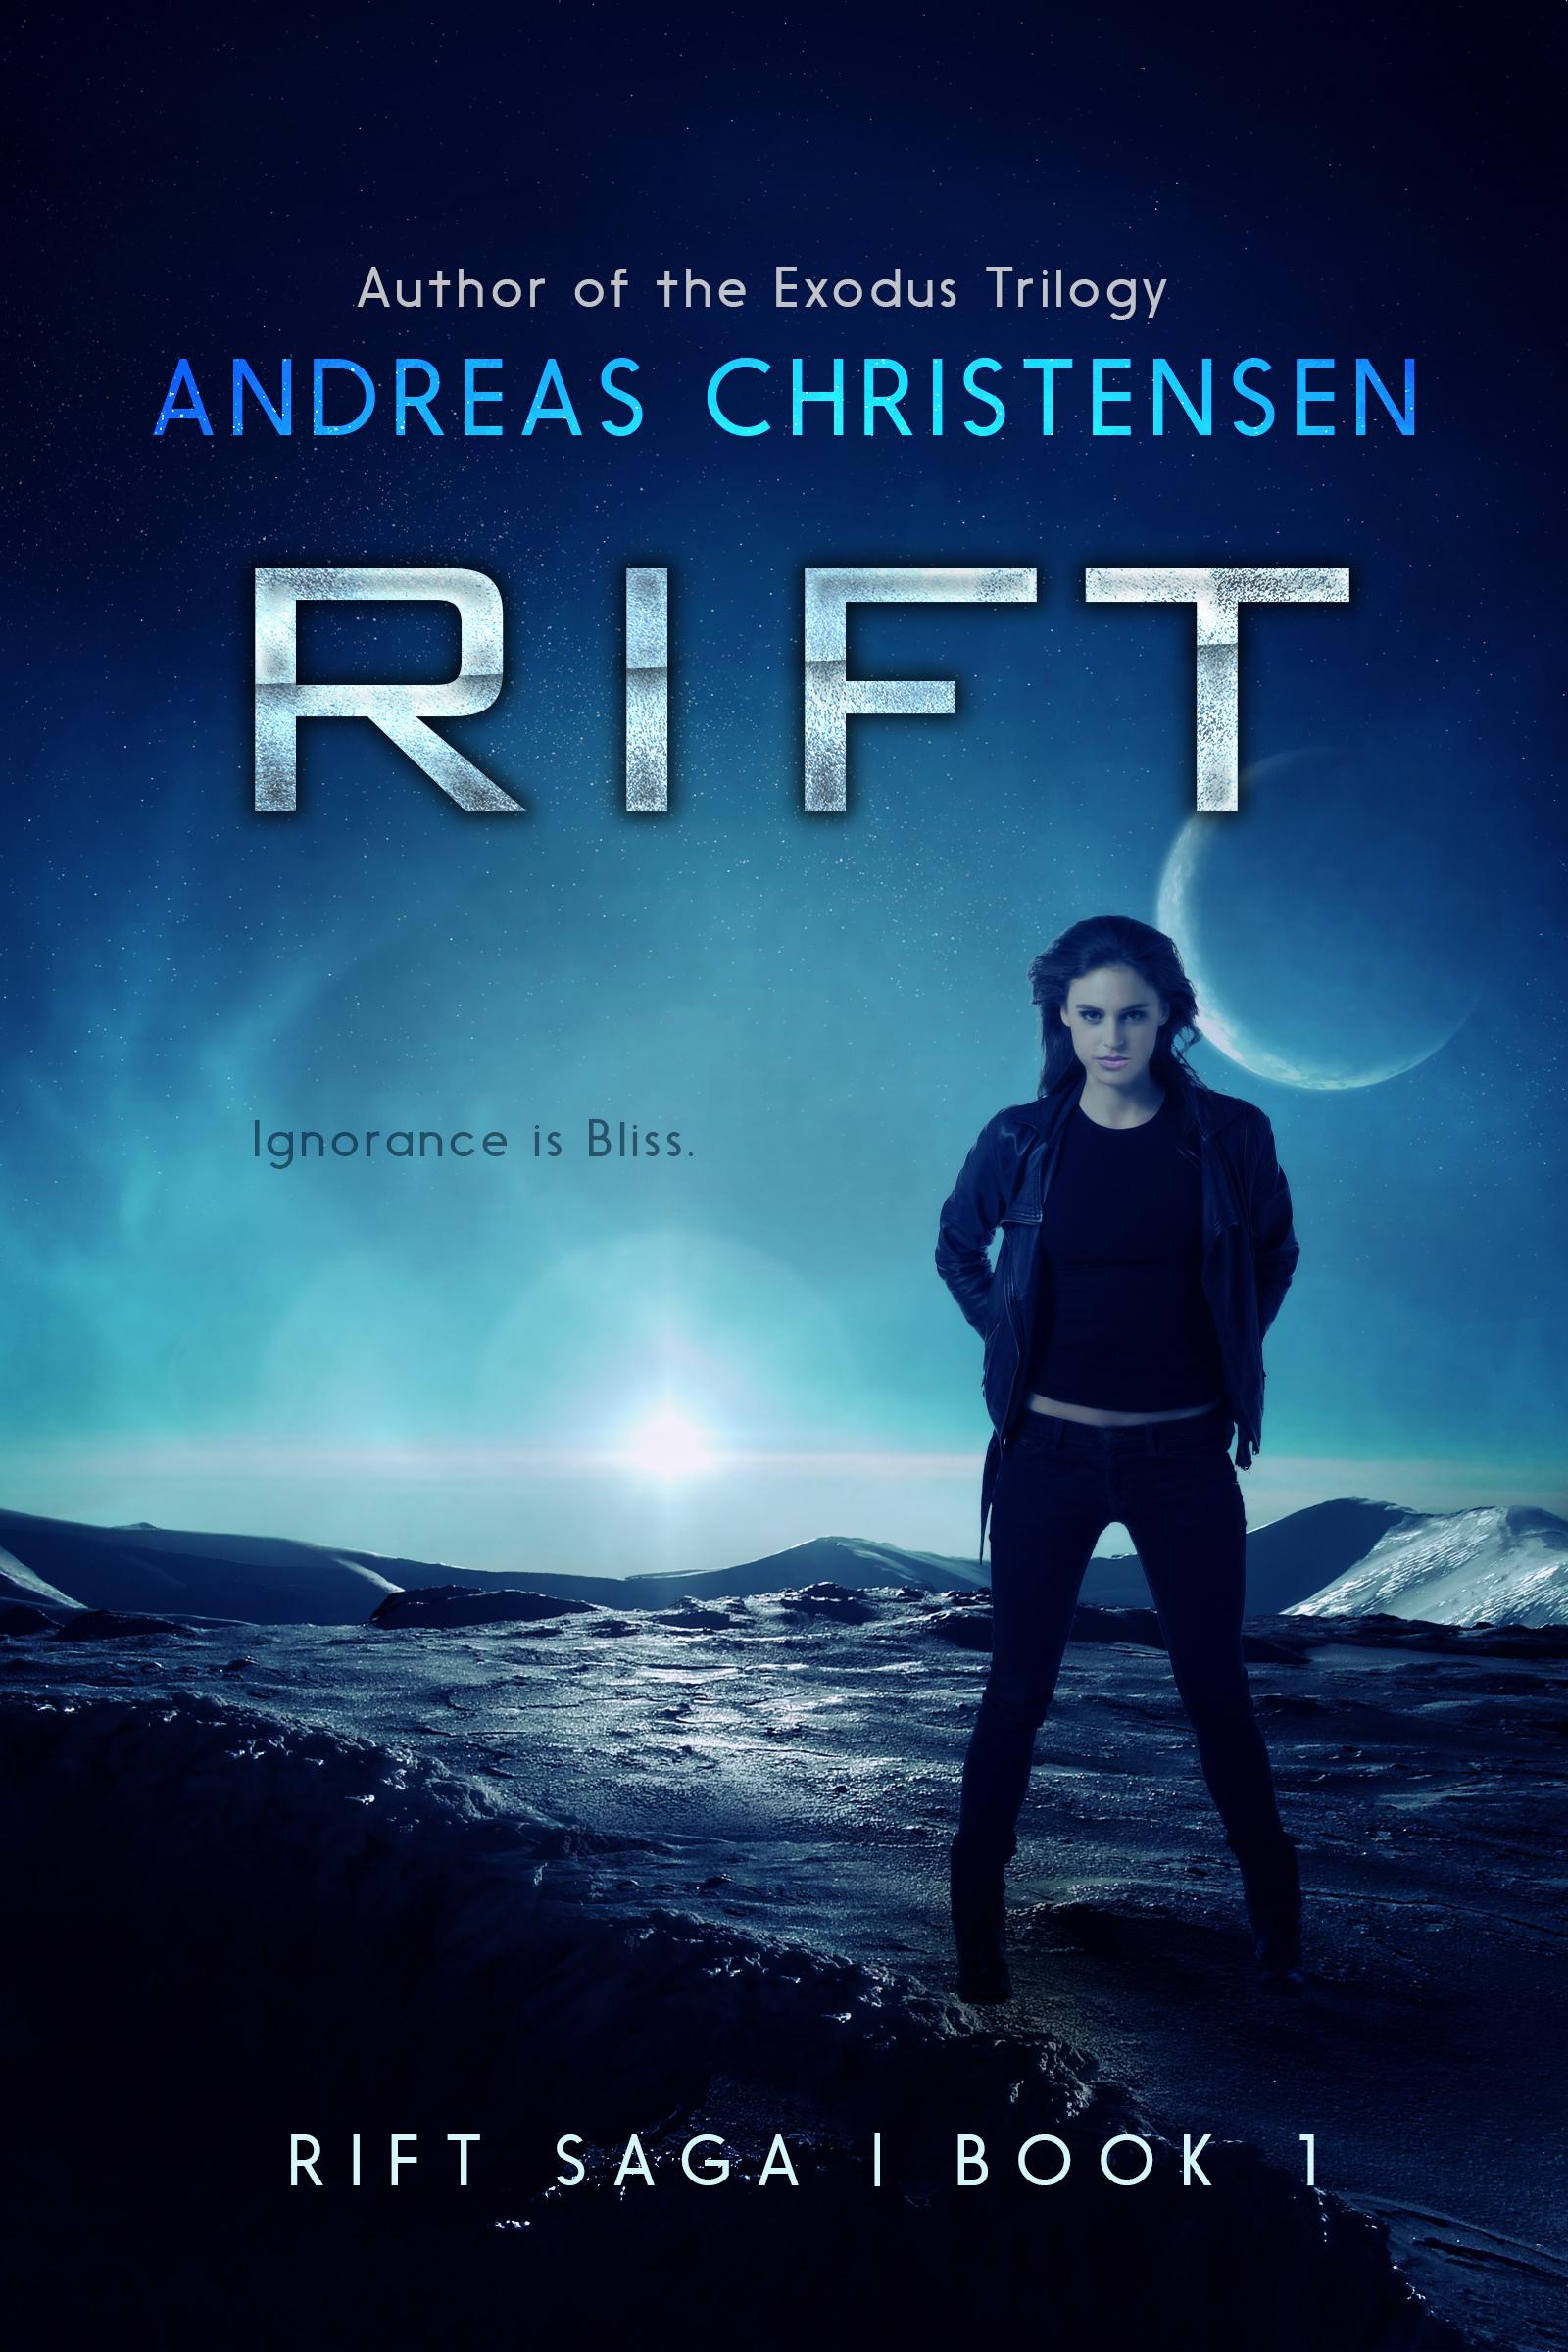 The Rift Saga Book 1